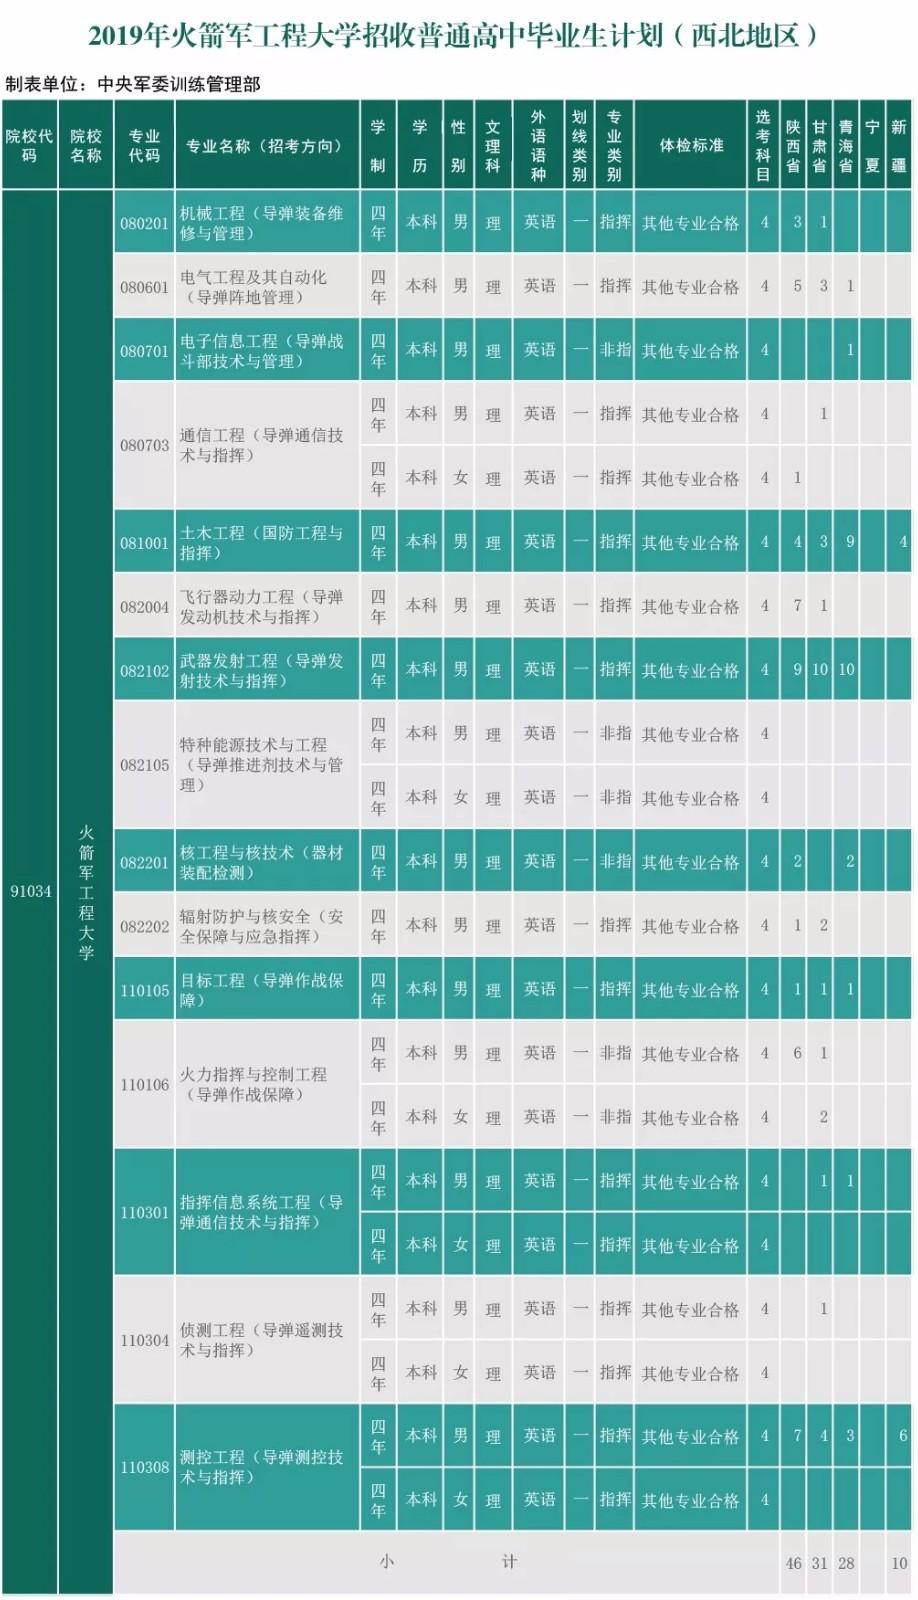 最新信息!6所军校公布2019年招生计划(高中毕业生)